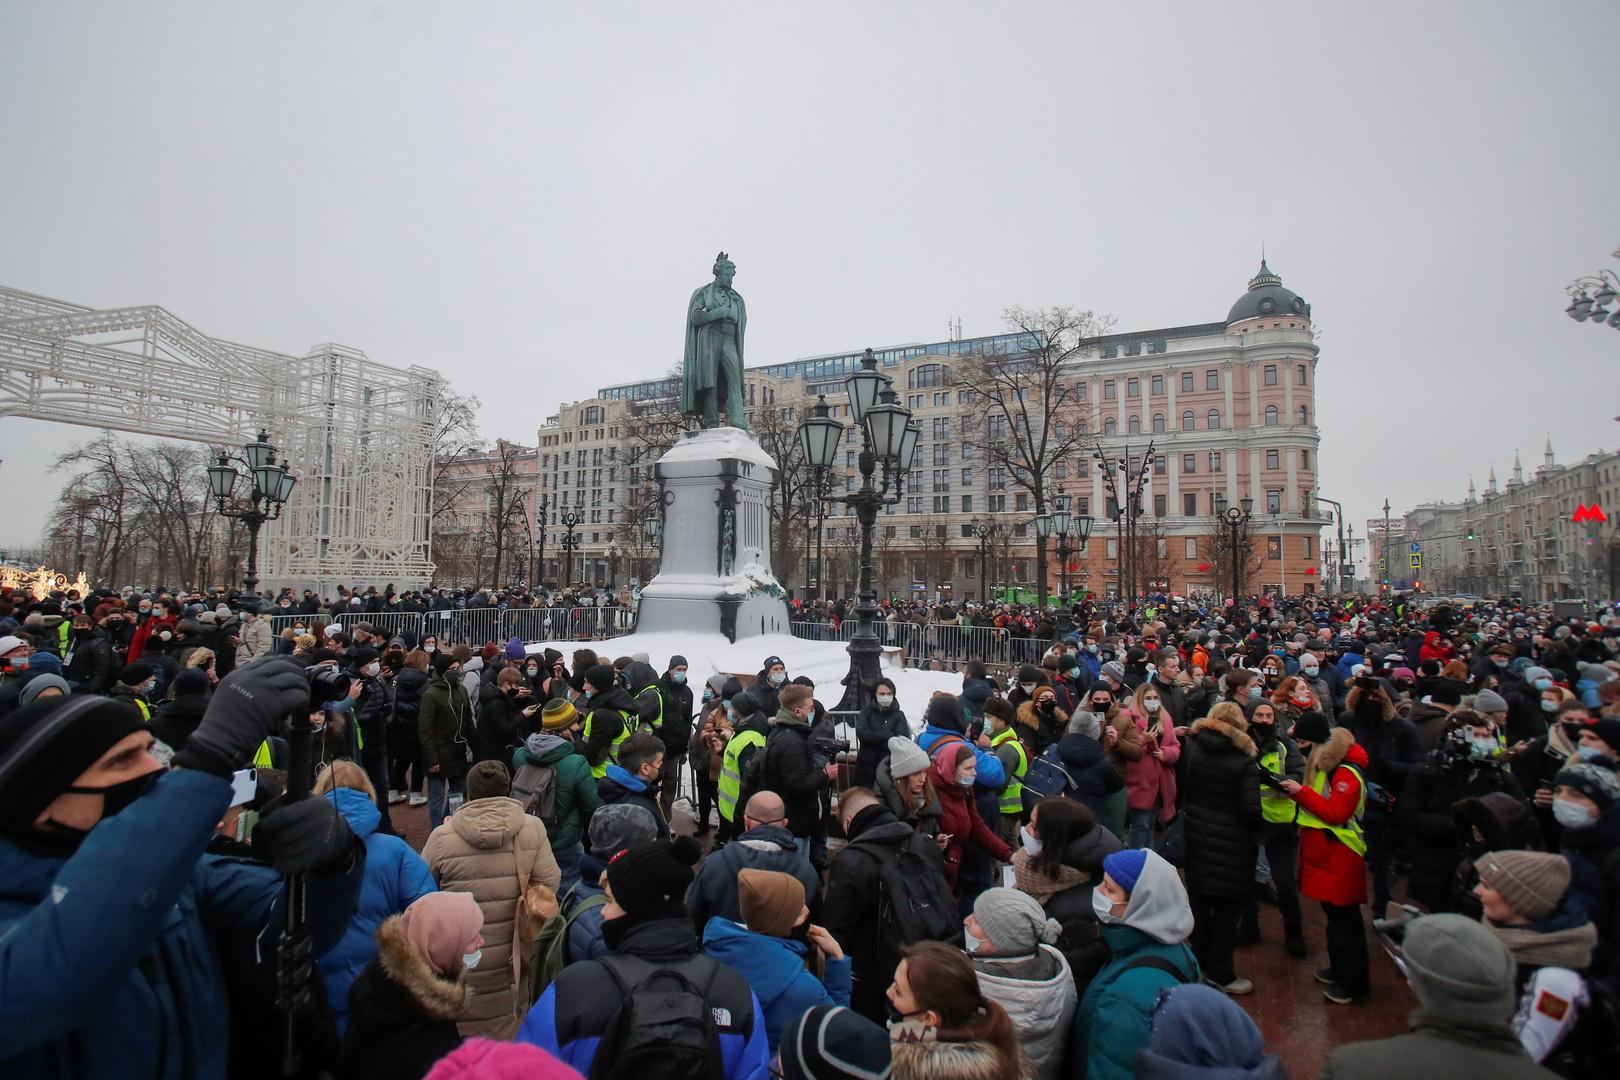 إطلاق سراح معظم المحتجزين وجميع القاصرينالذين شاركوا في مظاهرات غير مرخص لها في موسكو